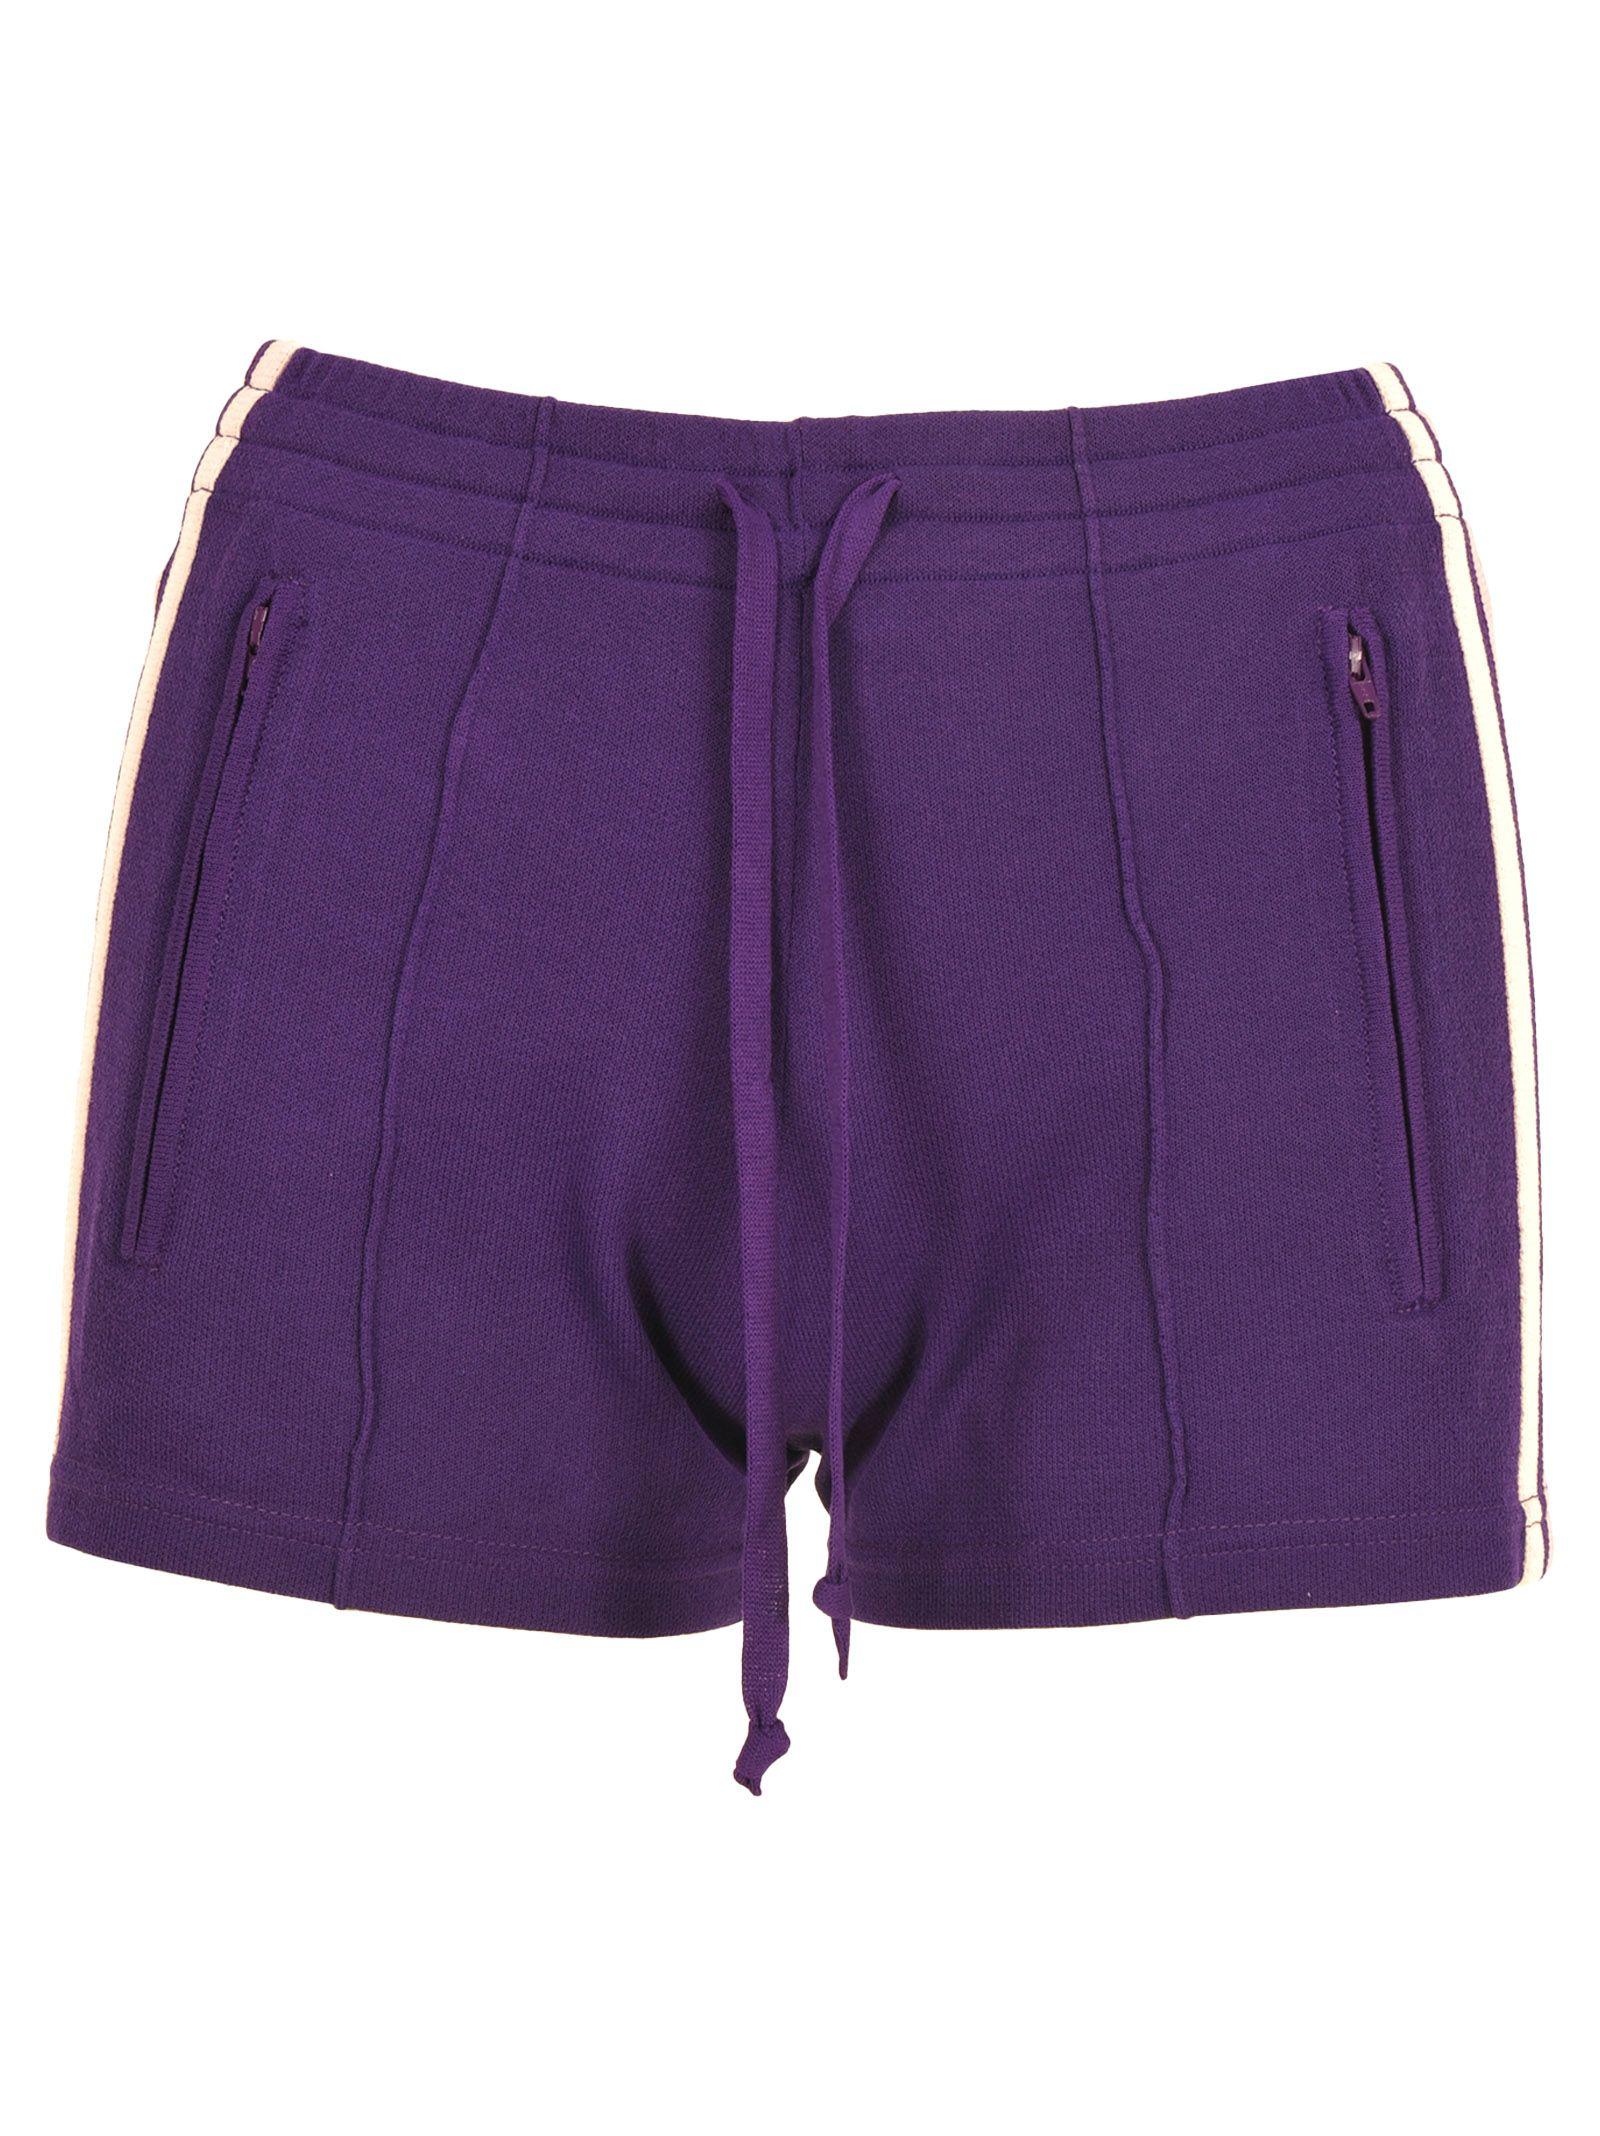 Im Etoile Dorset Shorts